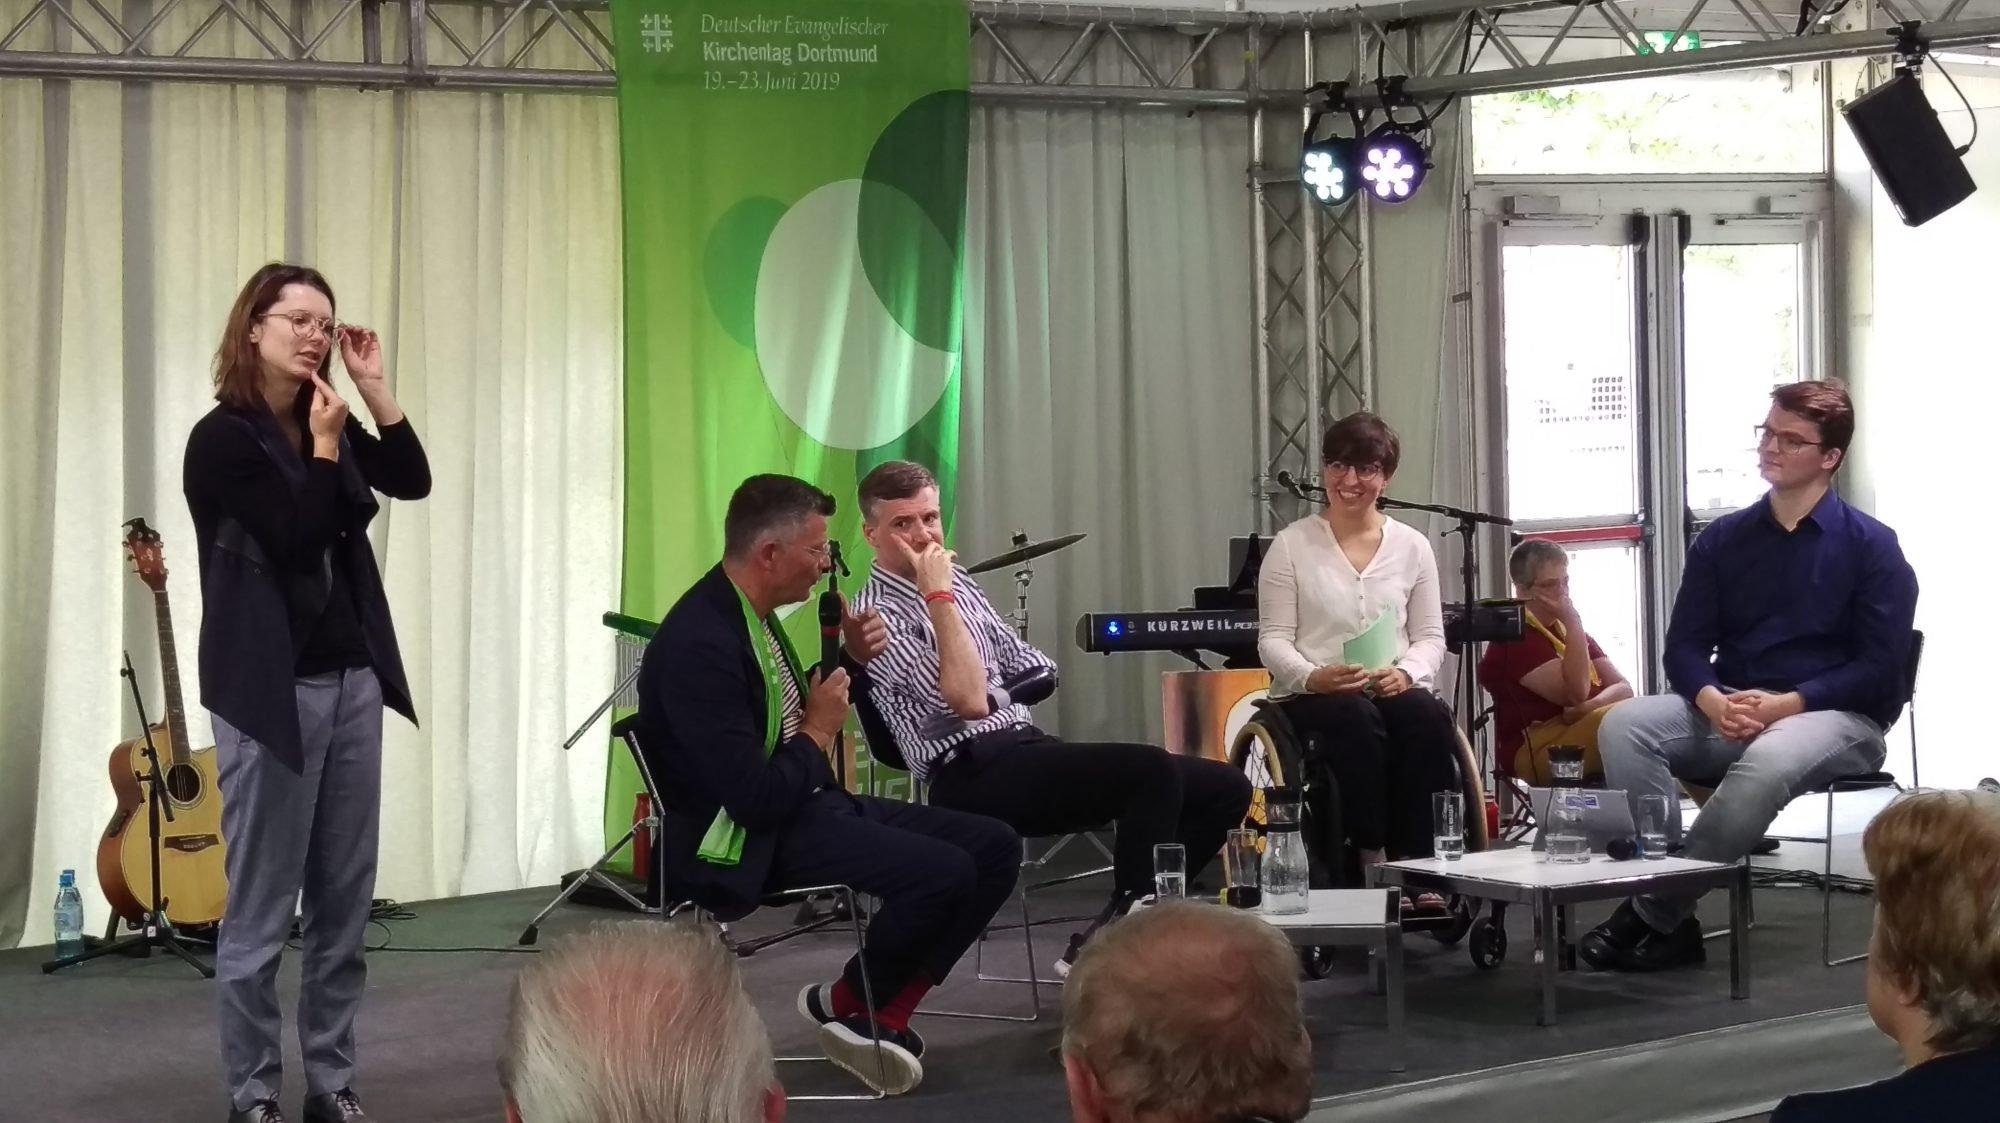 Ein Gruppe sitzt auf dem Podium und diskutiert. Links ein älterer Herr, neben ihm ein junger Mann, daneben eine junge Frau im Rollstugl und ganz rechts ein junger Mann mit Brille. Links im Bild ist eine Gebärdensprach-Dolmetscherin zu sehen.